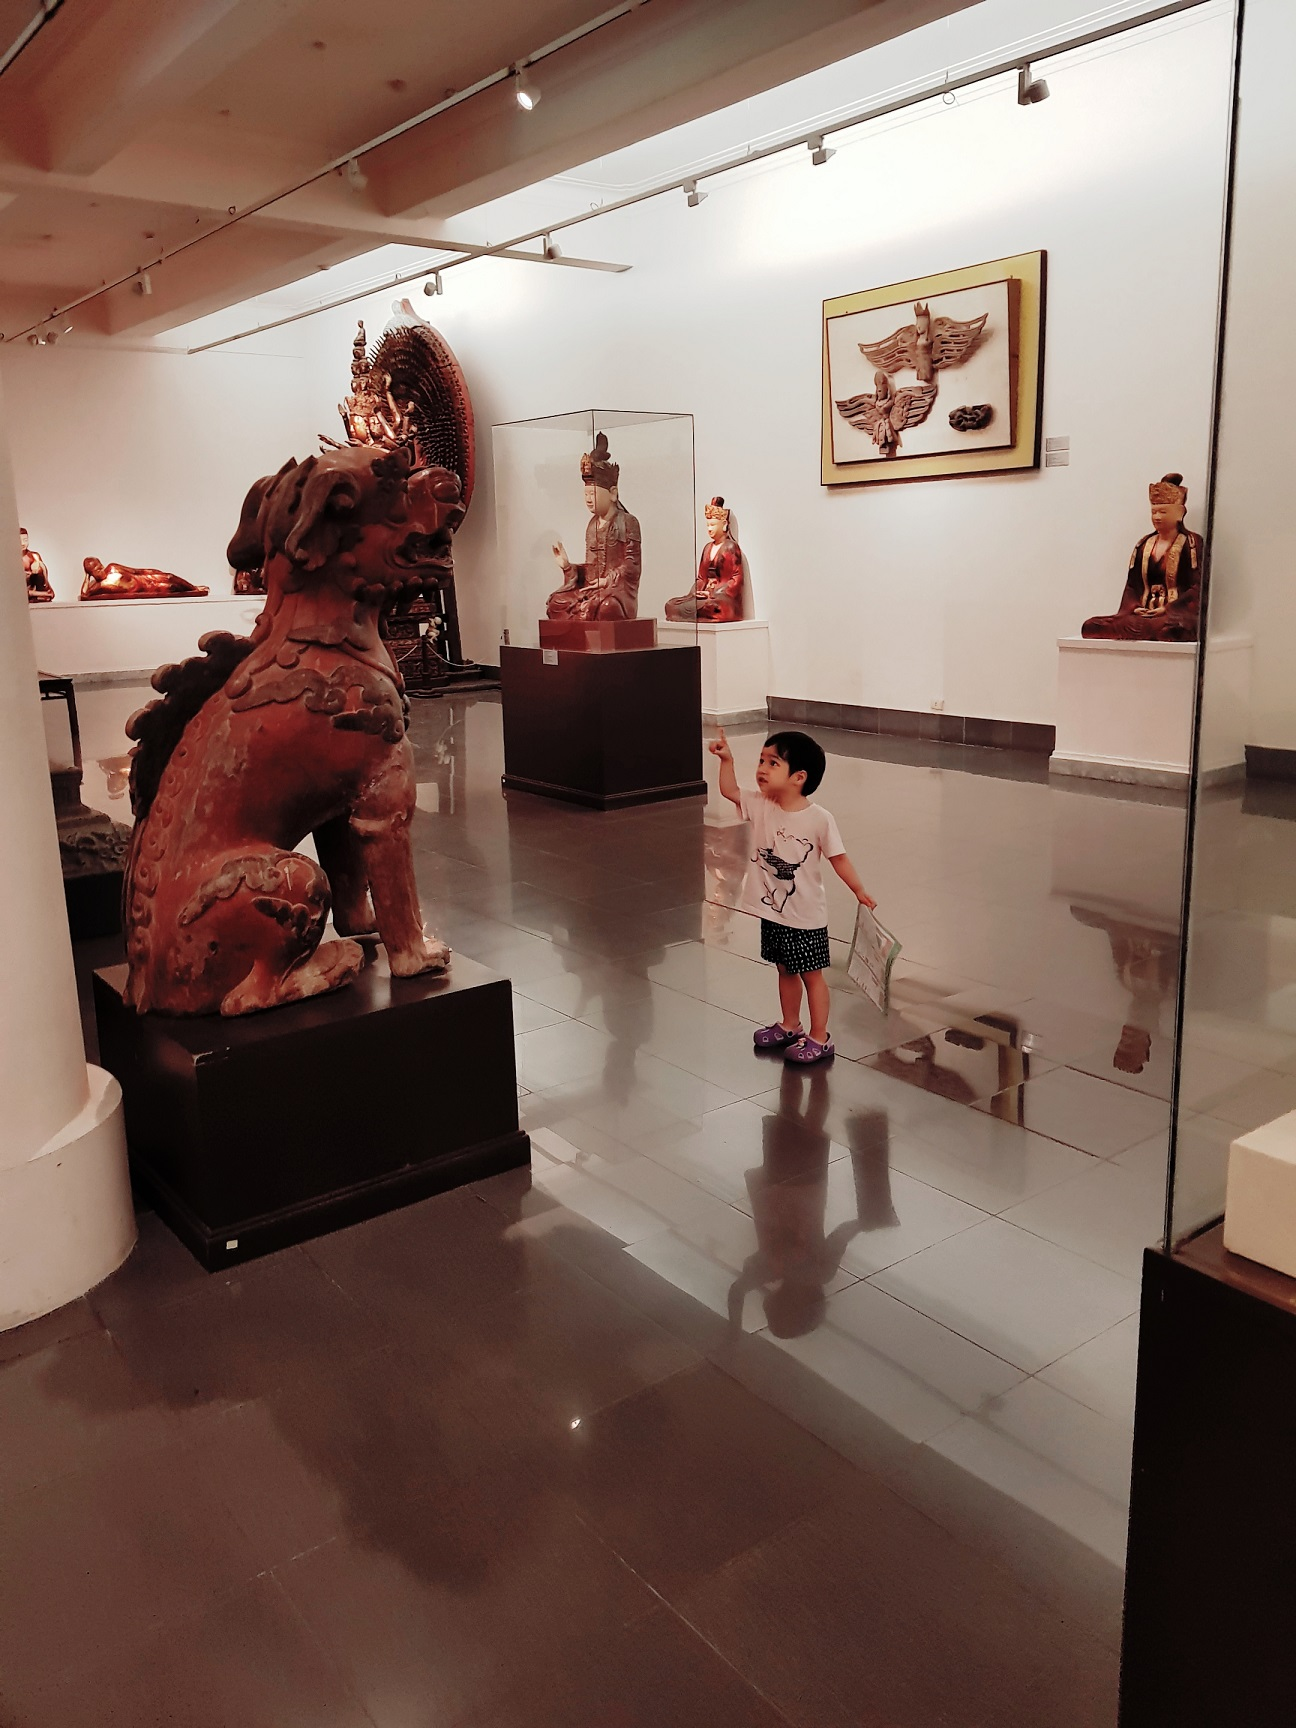 Nơi trưng bày các tác phẩm trong các giai đoạn lịch sử mỹ thuật. Hình: Sưu tầm